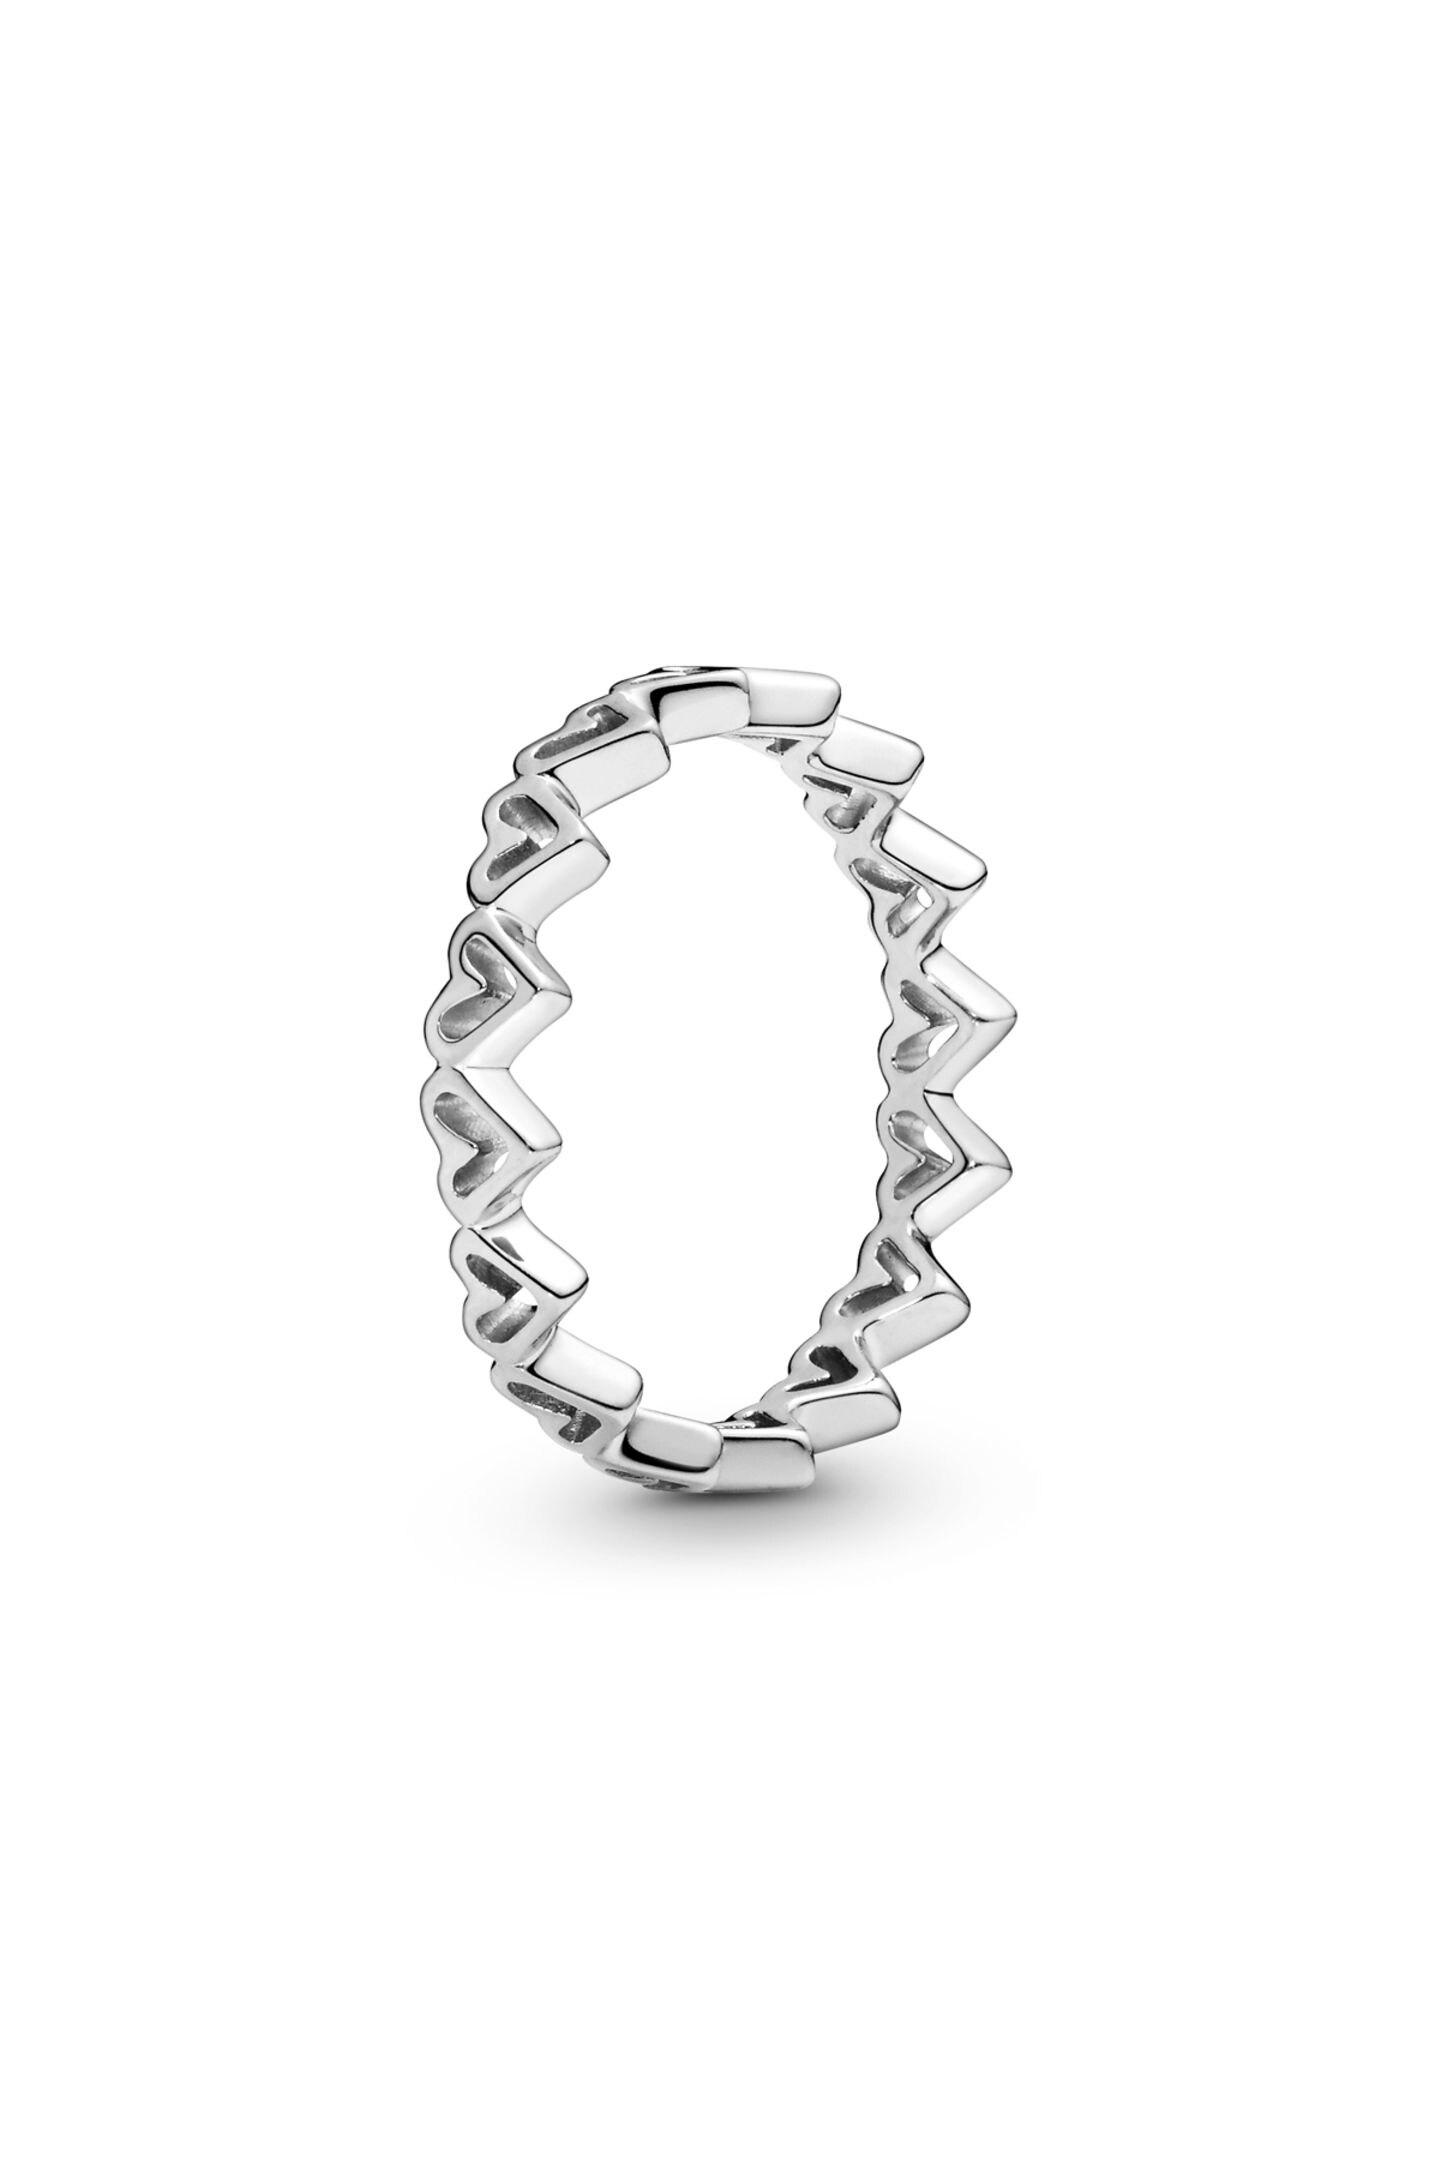 Nicht nur Paare, auch beste Freundinnen können sich am Valentinstag beschenken. Wie wäre es zum Beispiel mit diesem Freihand-Herzen-Ring von Pandora? Ca. 39Euro.